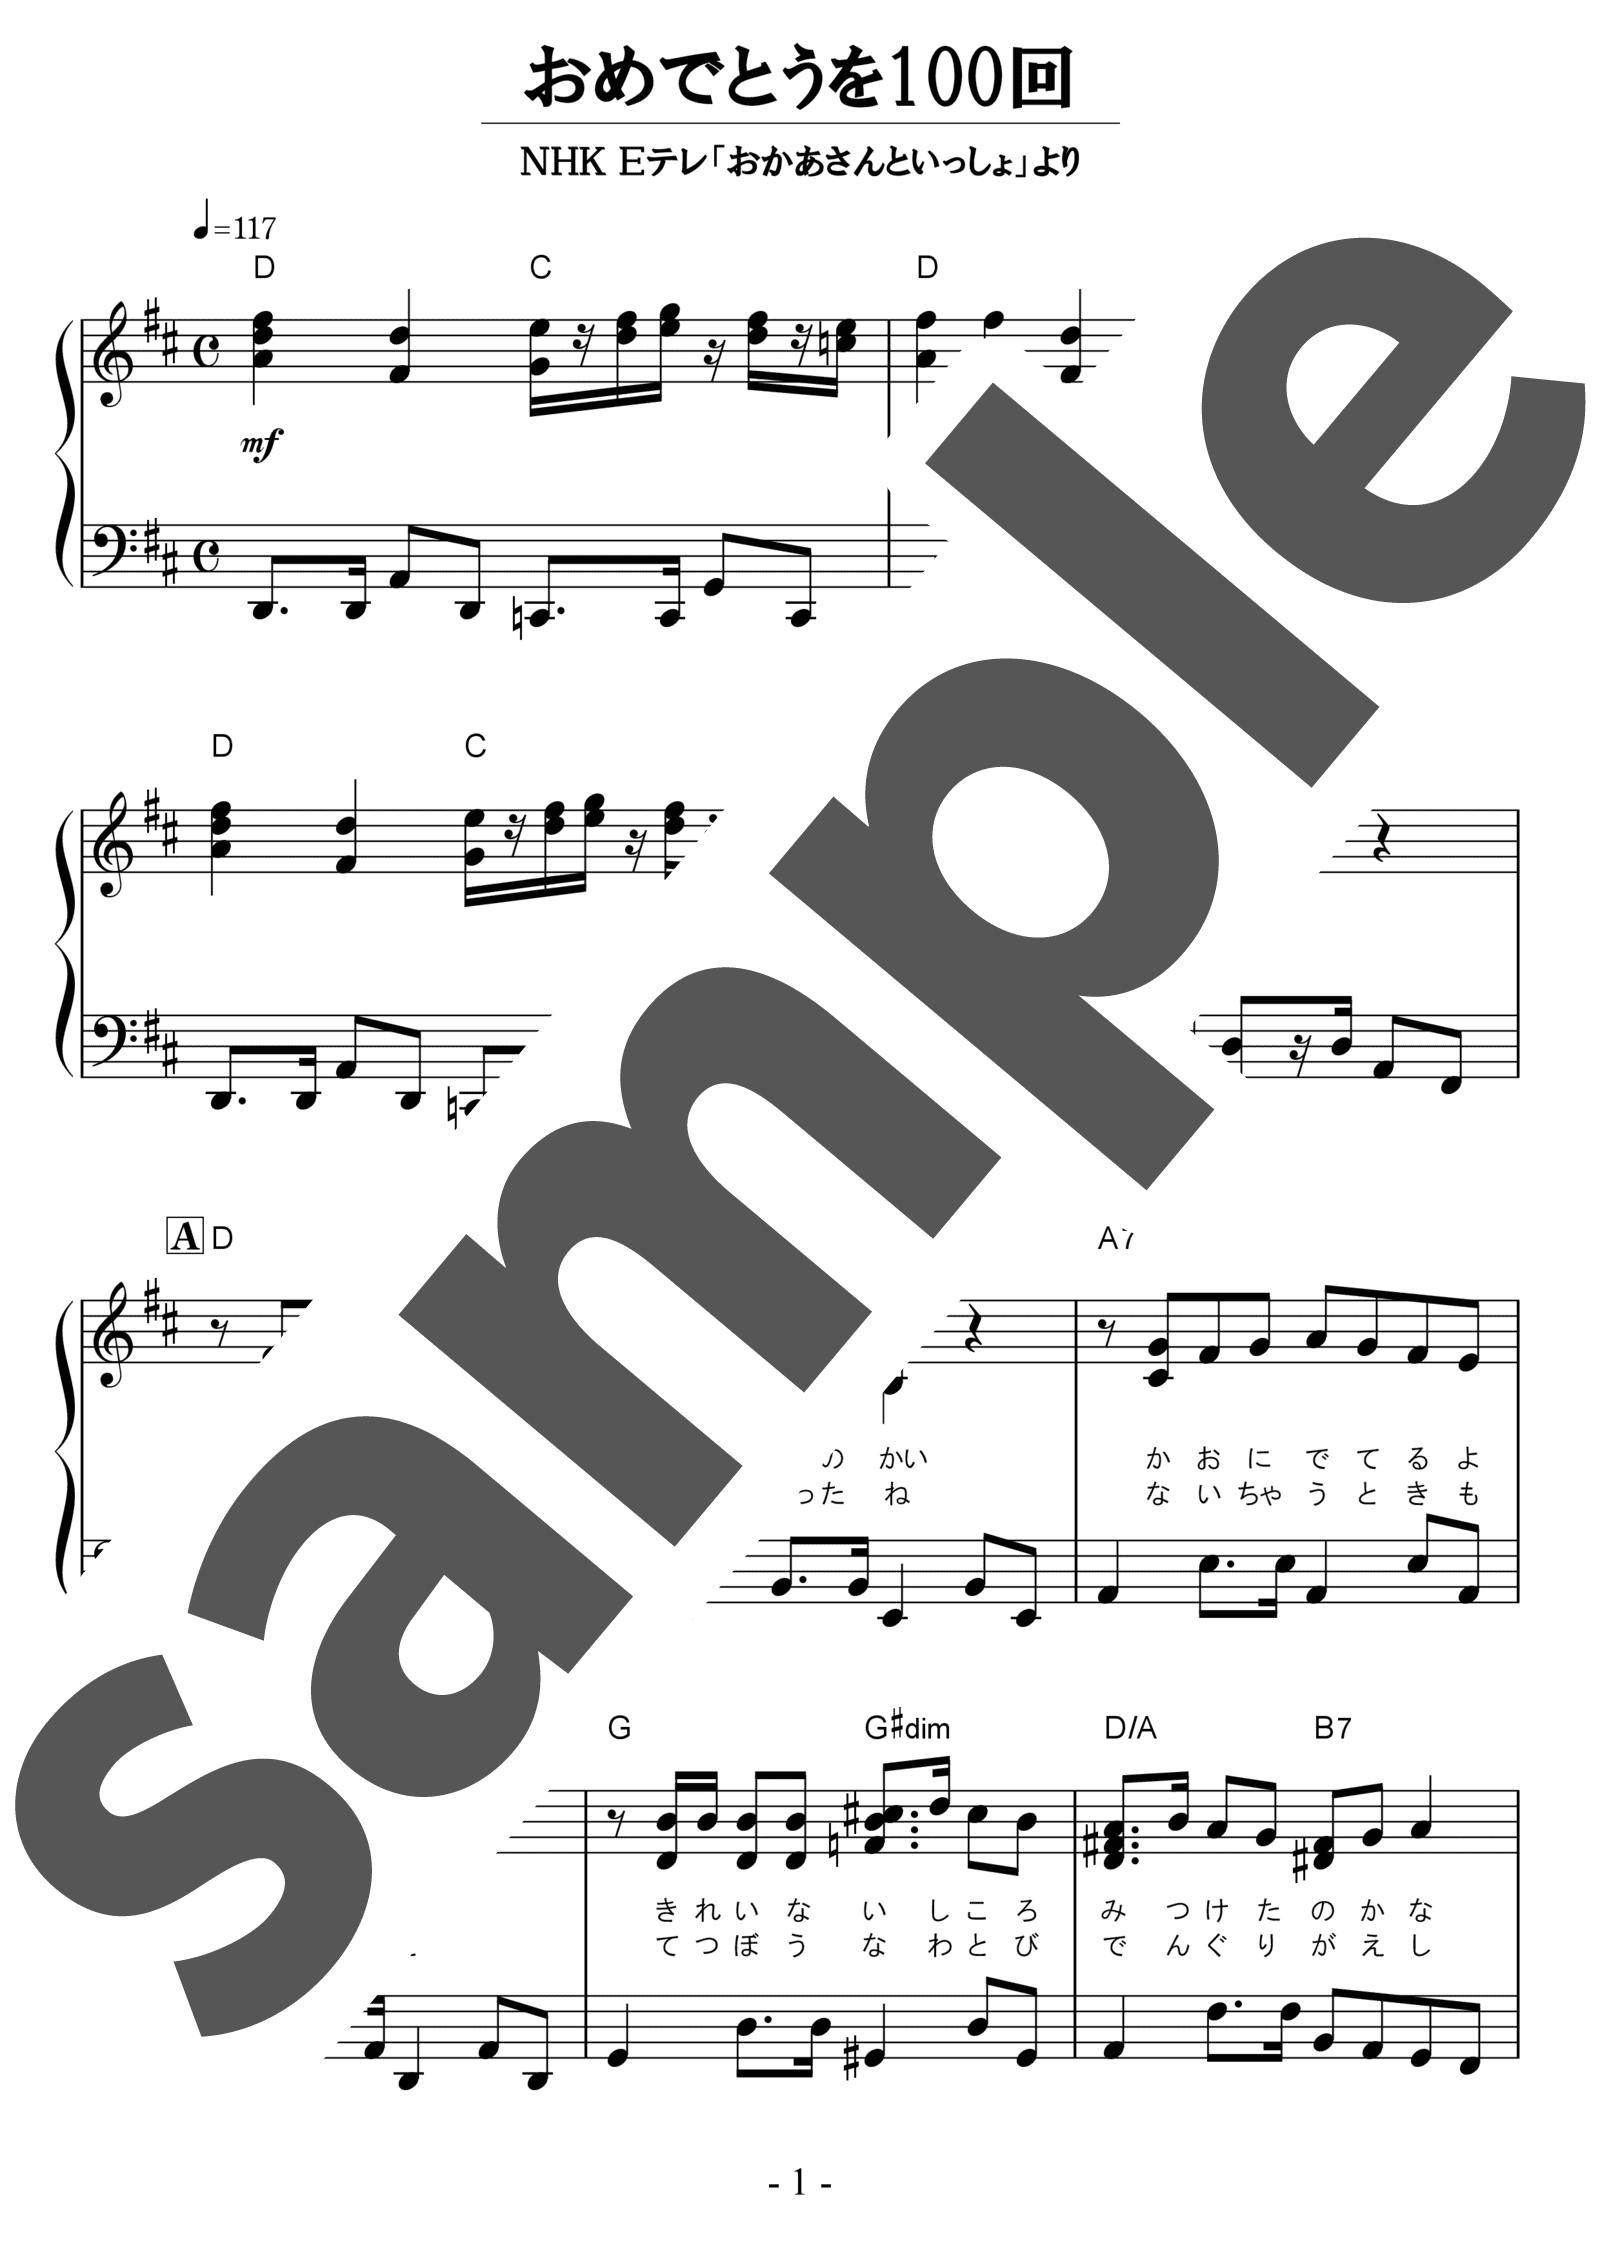 「おめでとうを100回」のサンプル楽譜